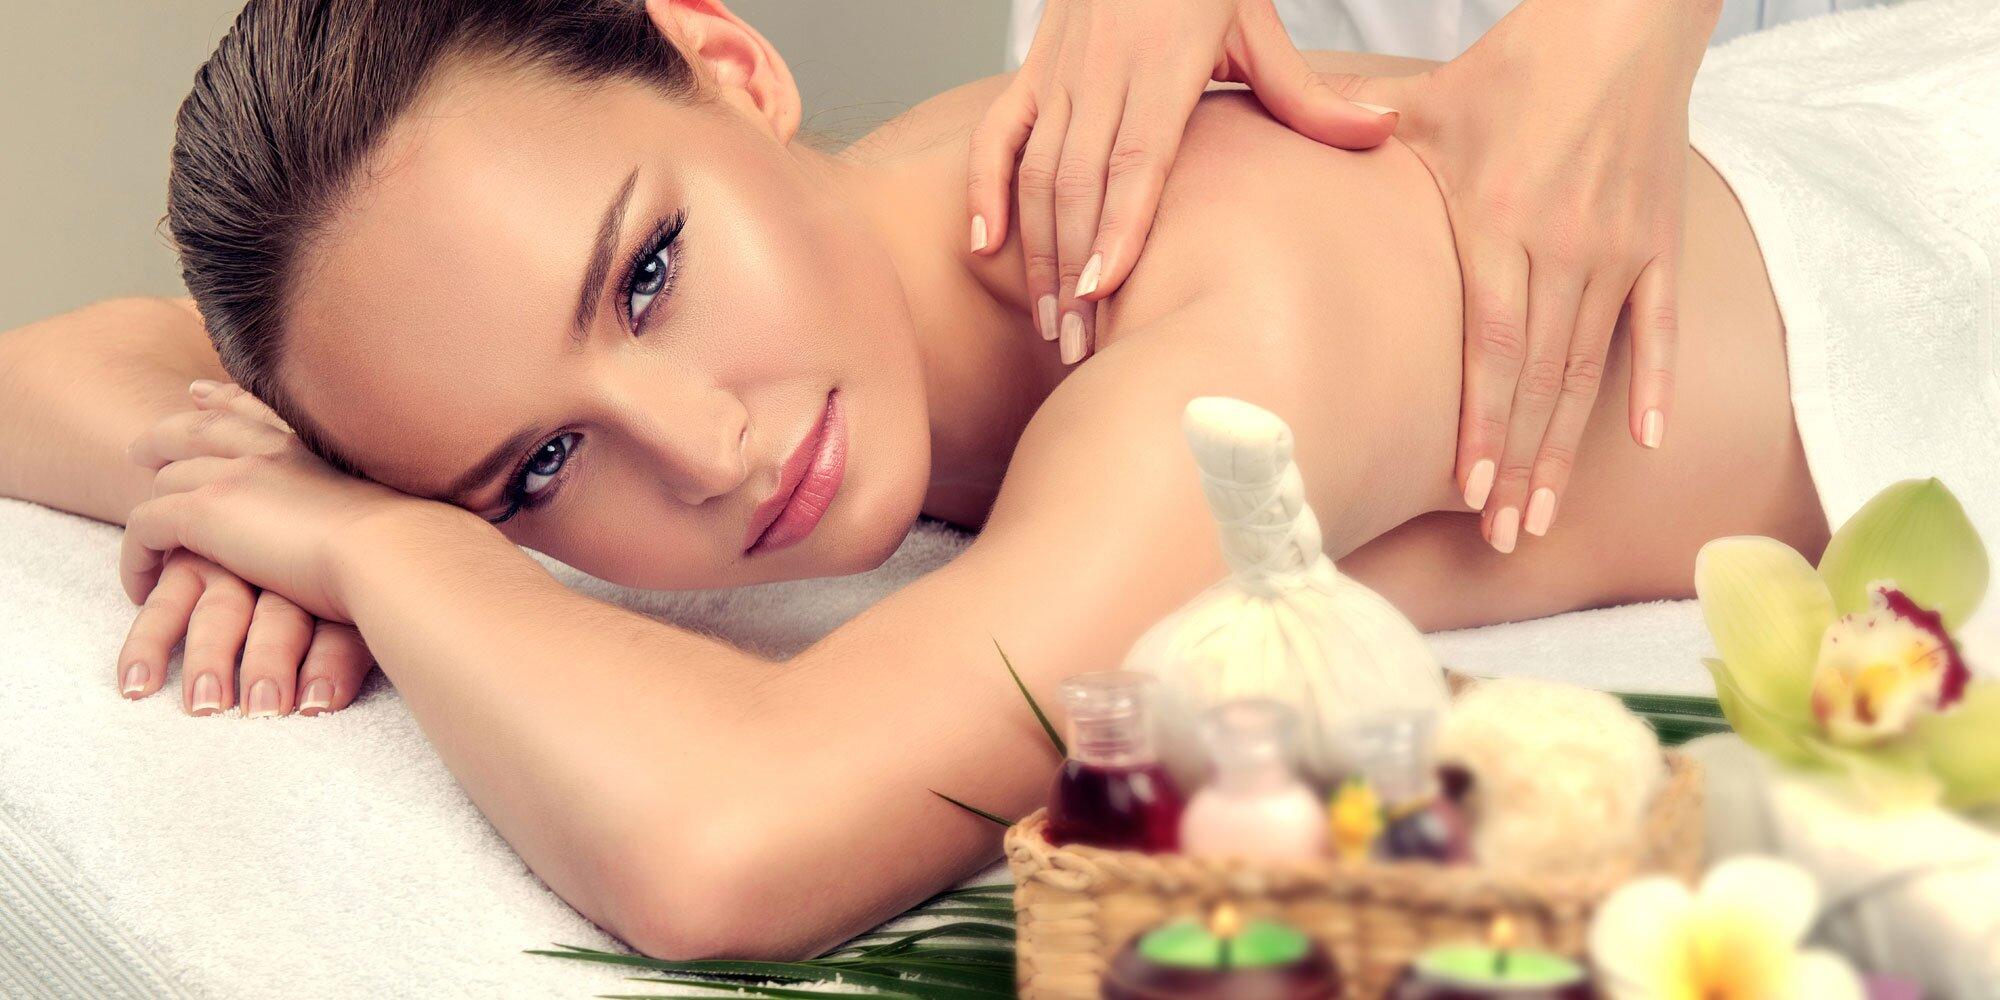 Фото девушек на массажном, Порно массаж, фото секса с массажистом а массажном 1 фотография